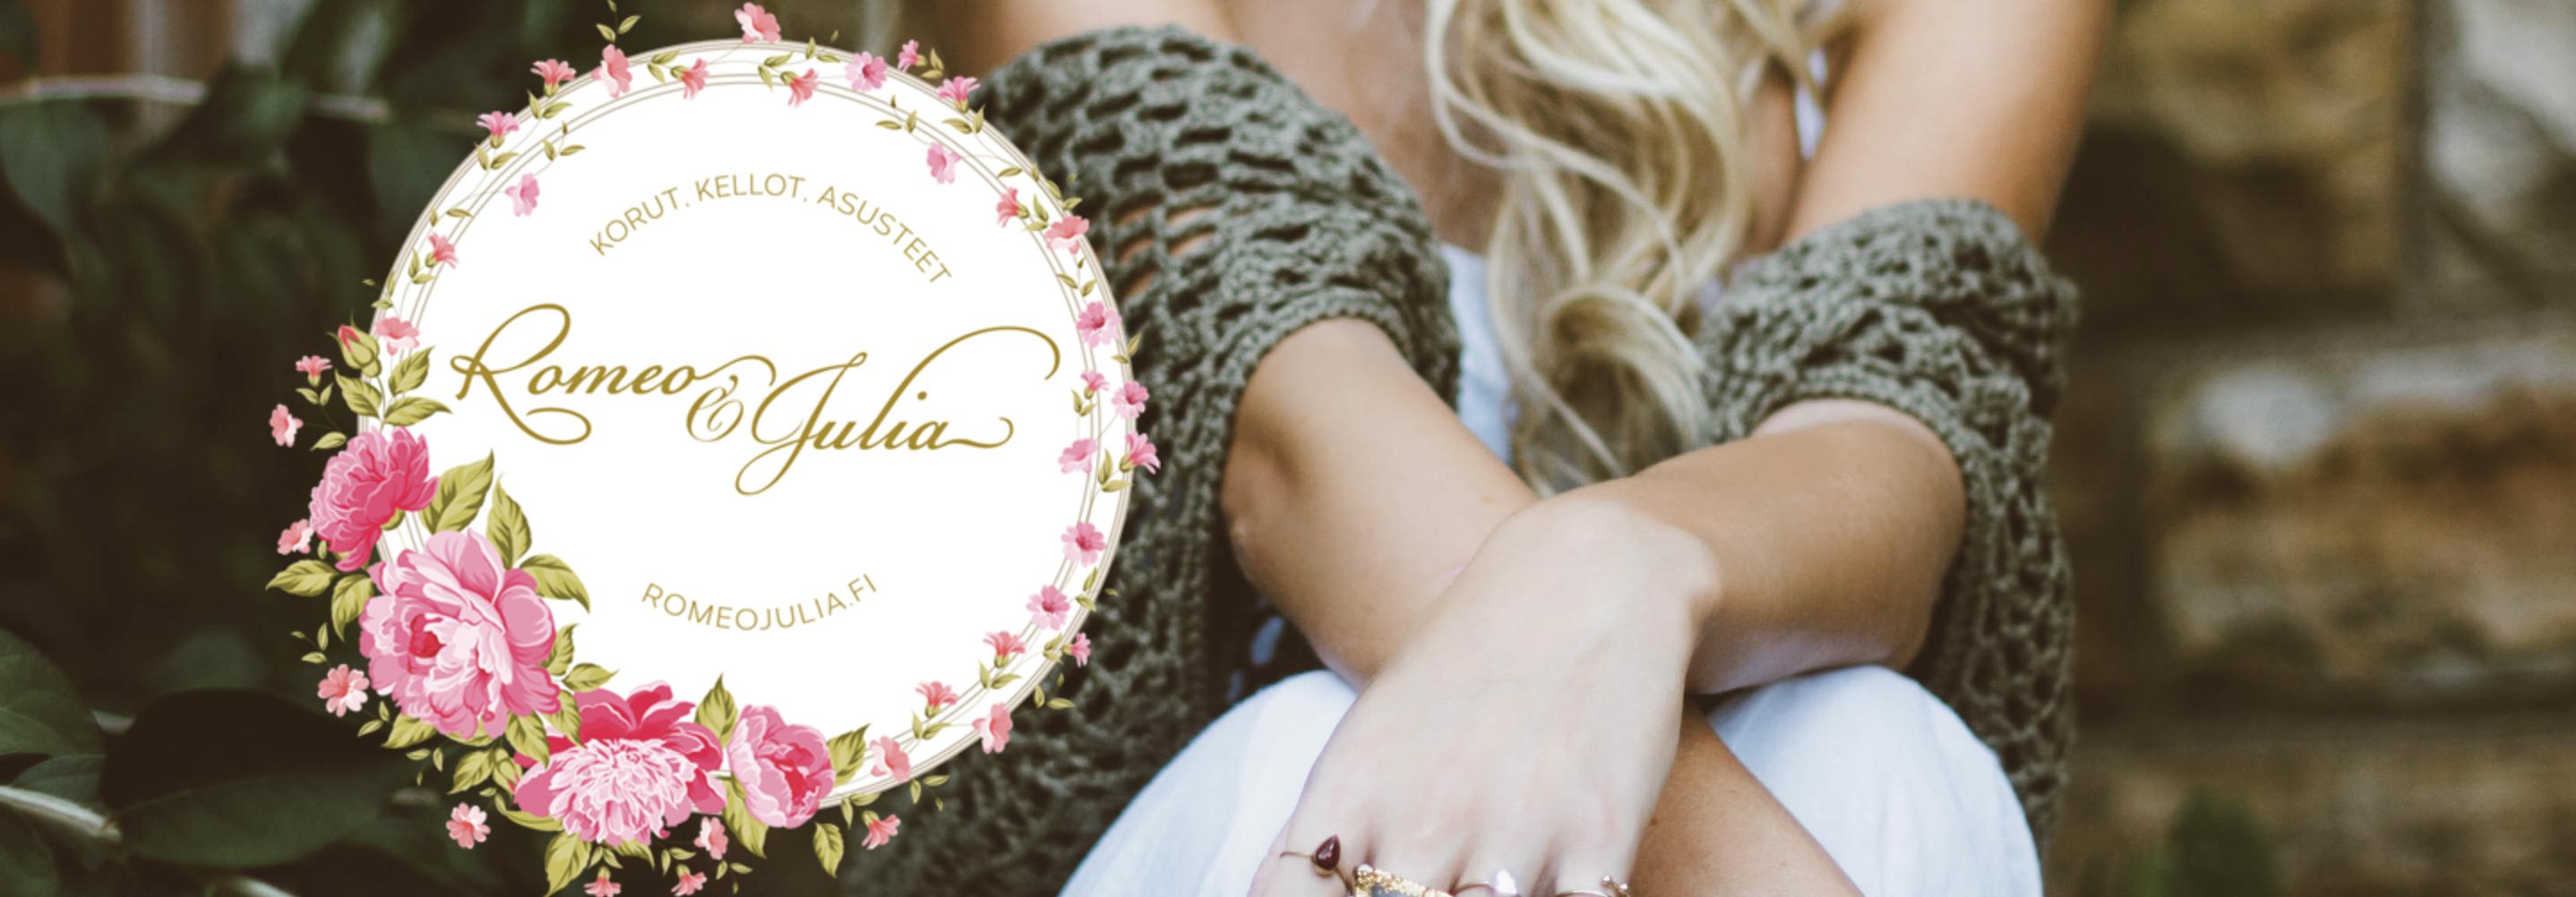 CASE Koruliike Romeo&Julia - Markkinointisuunnitelma verkkomyynnin kasvattamisen tukena.